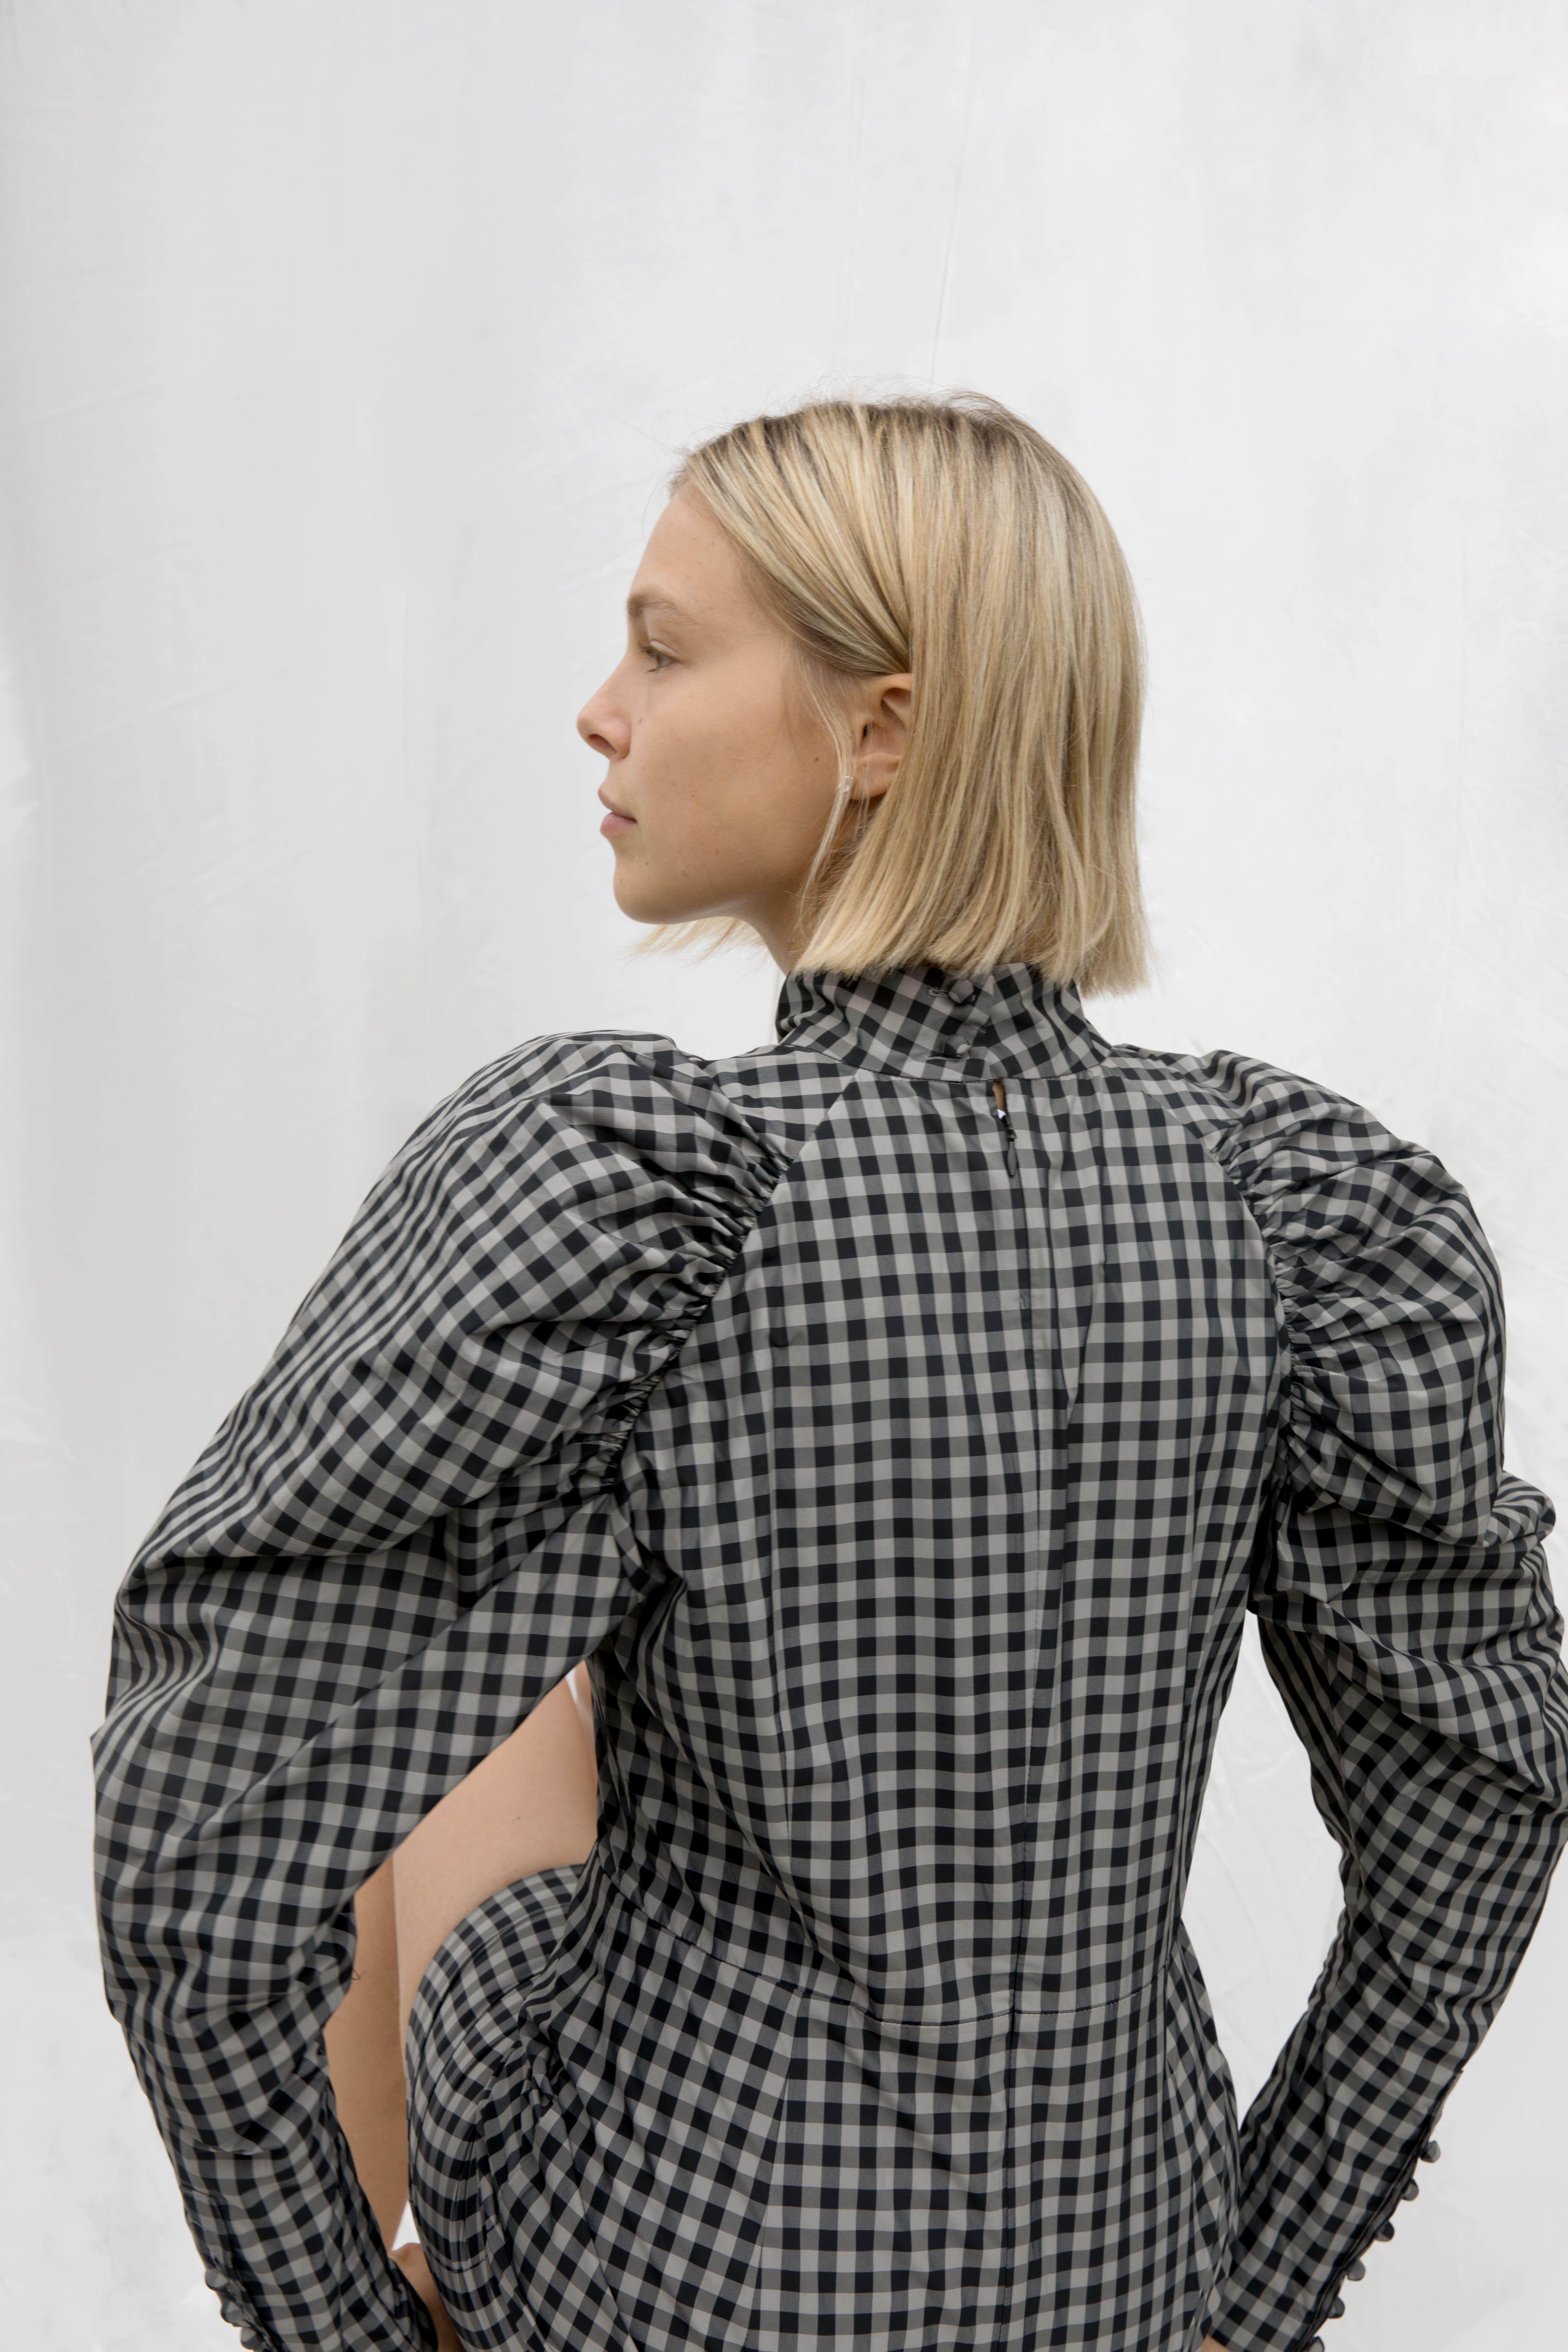 Sandra Dangers Munich Models